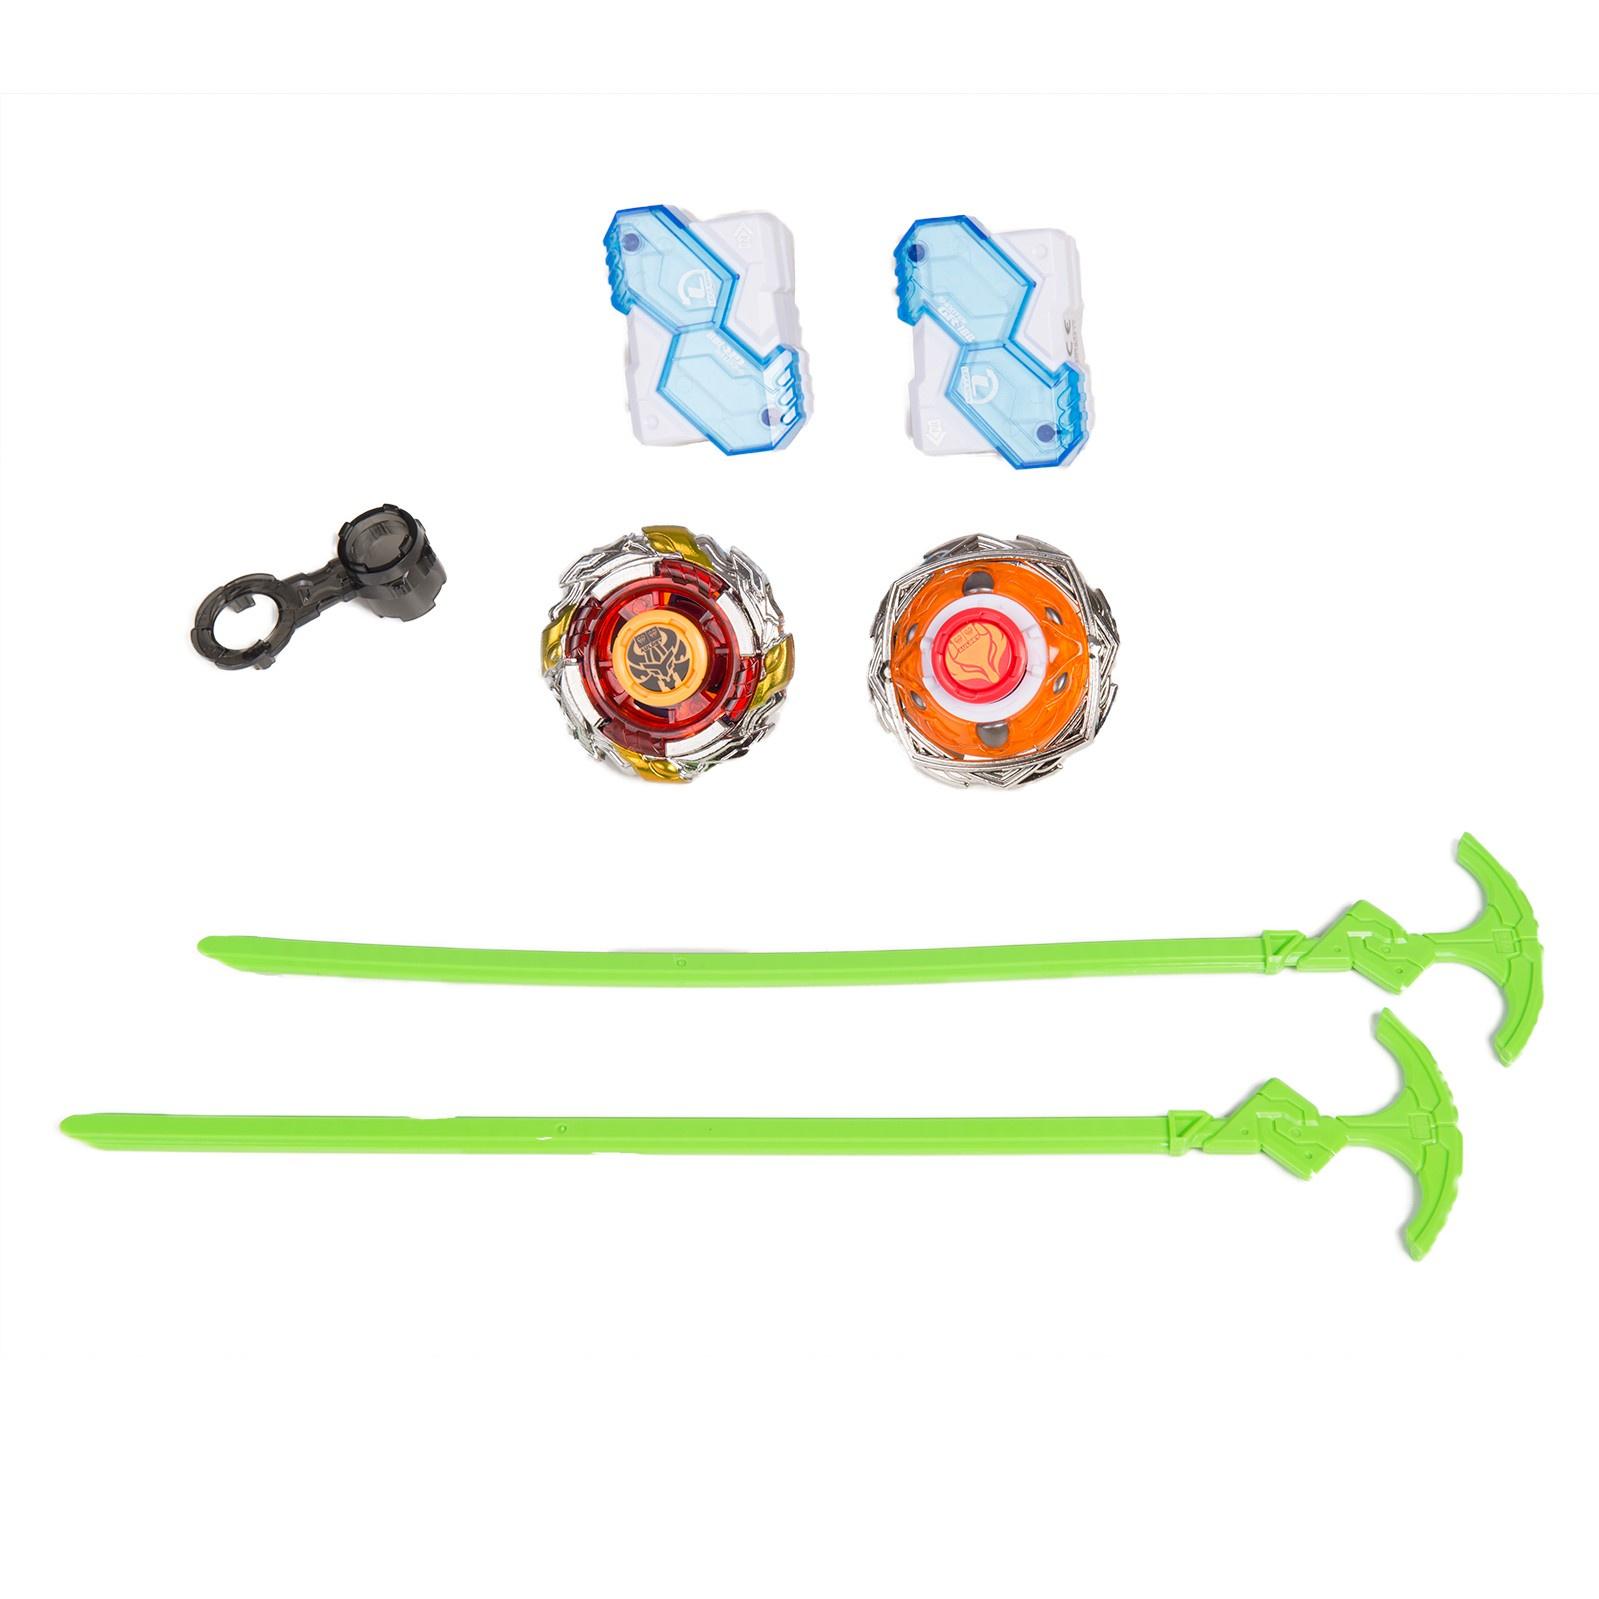 Пусковая игрушка Инфинити Надо Волчок Fox&Sword, серия Сплит